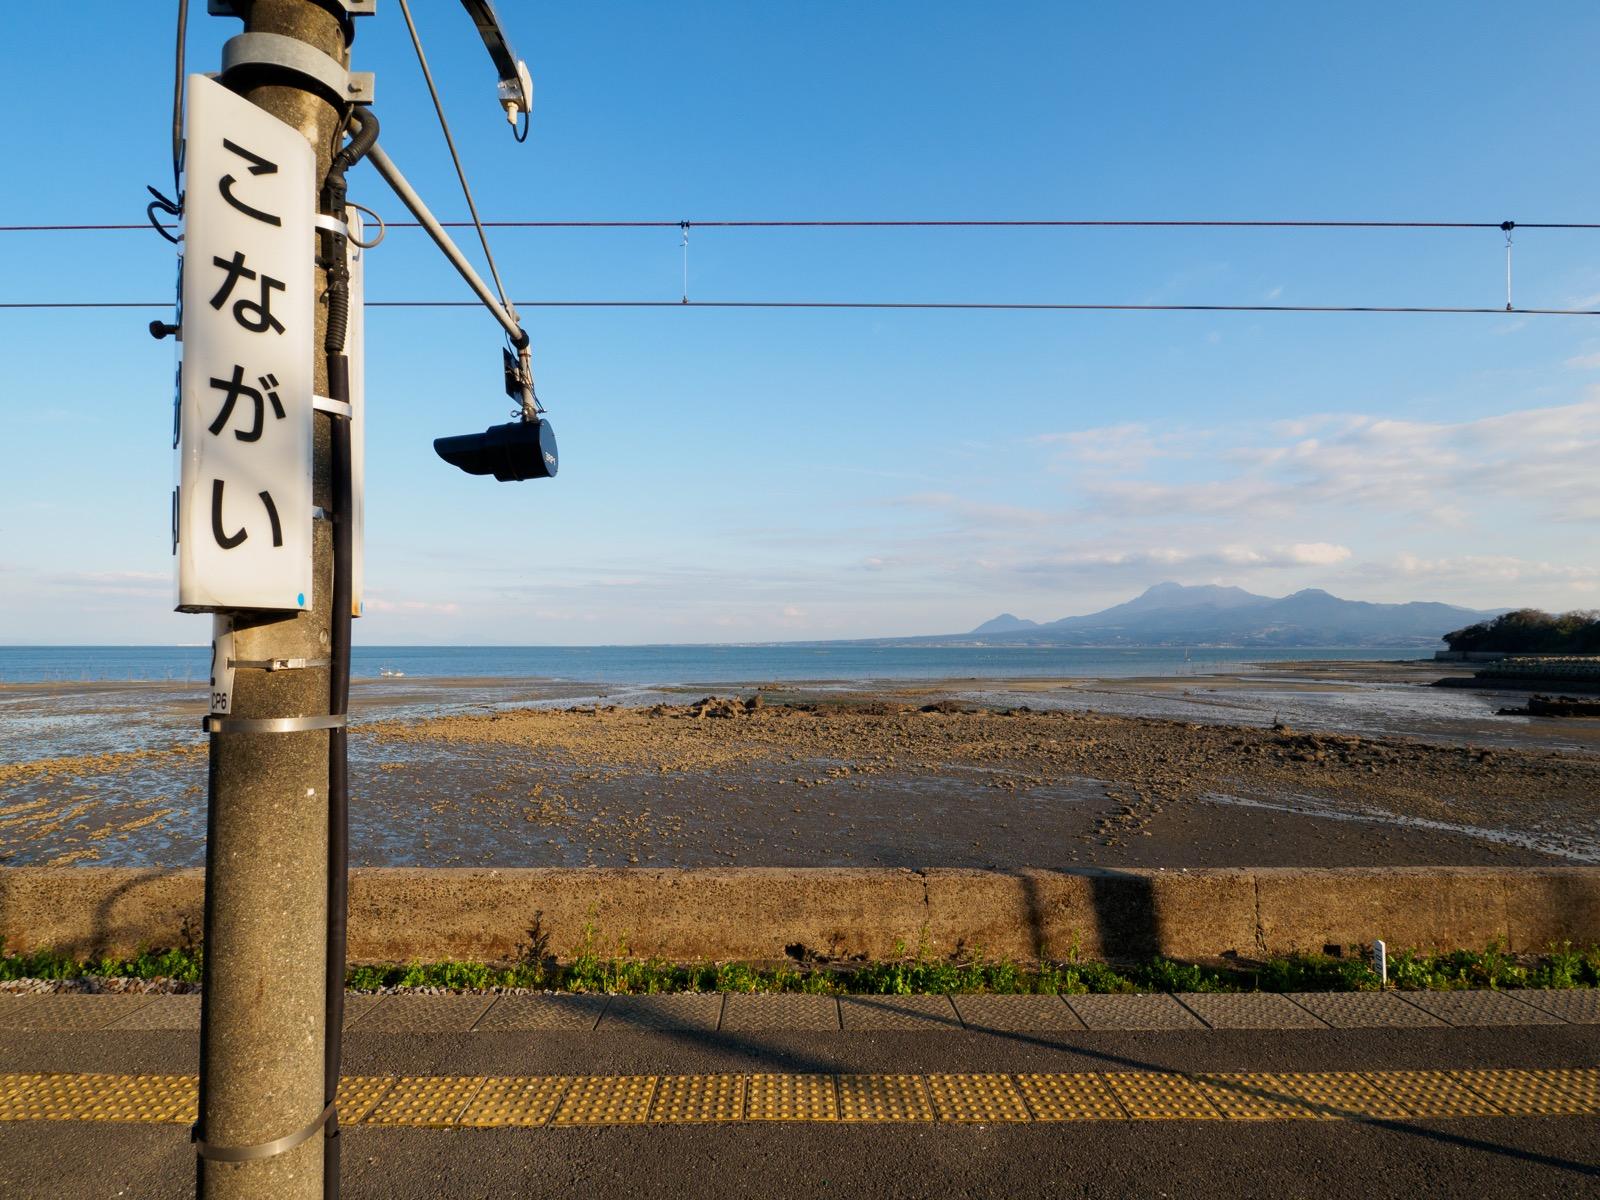 小長井駅のホームから見た諫早湾と雲仙岳